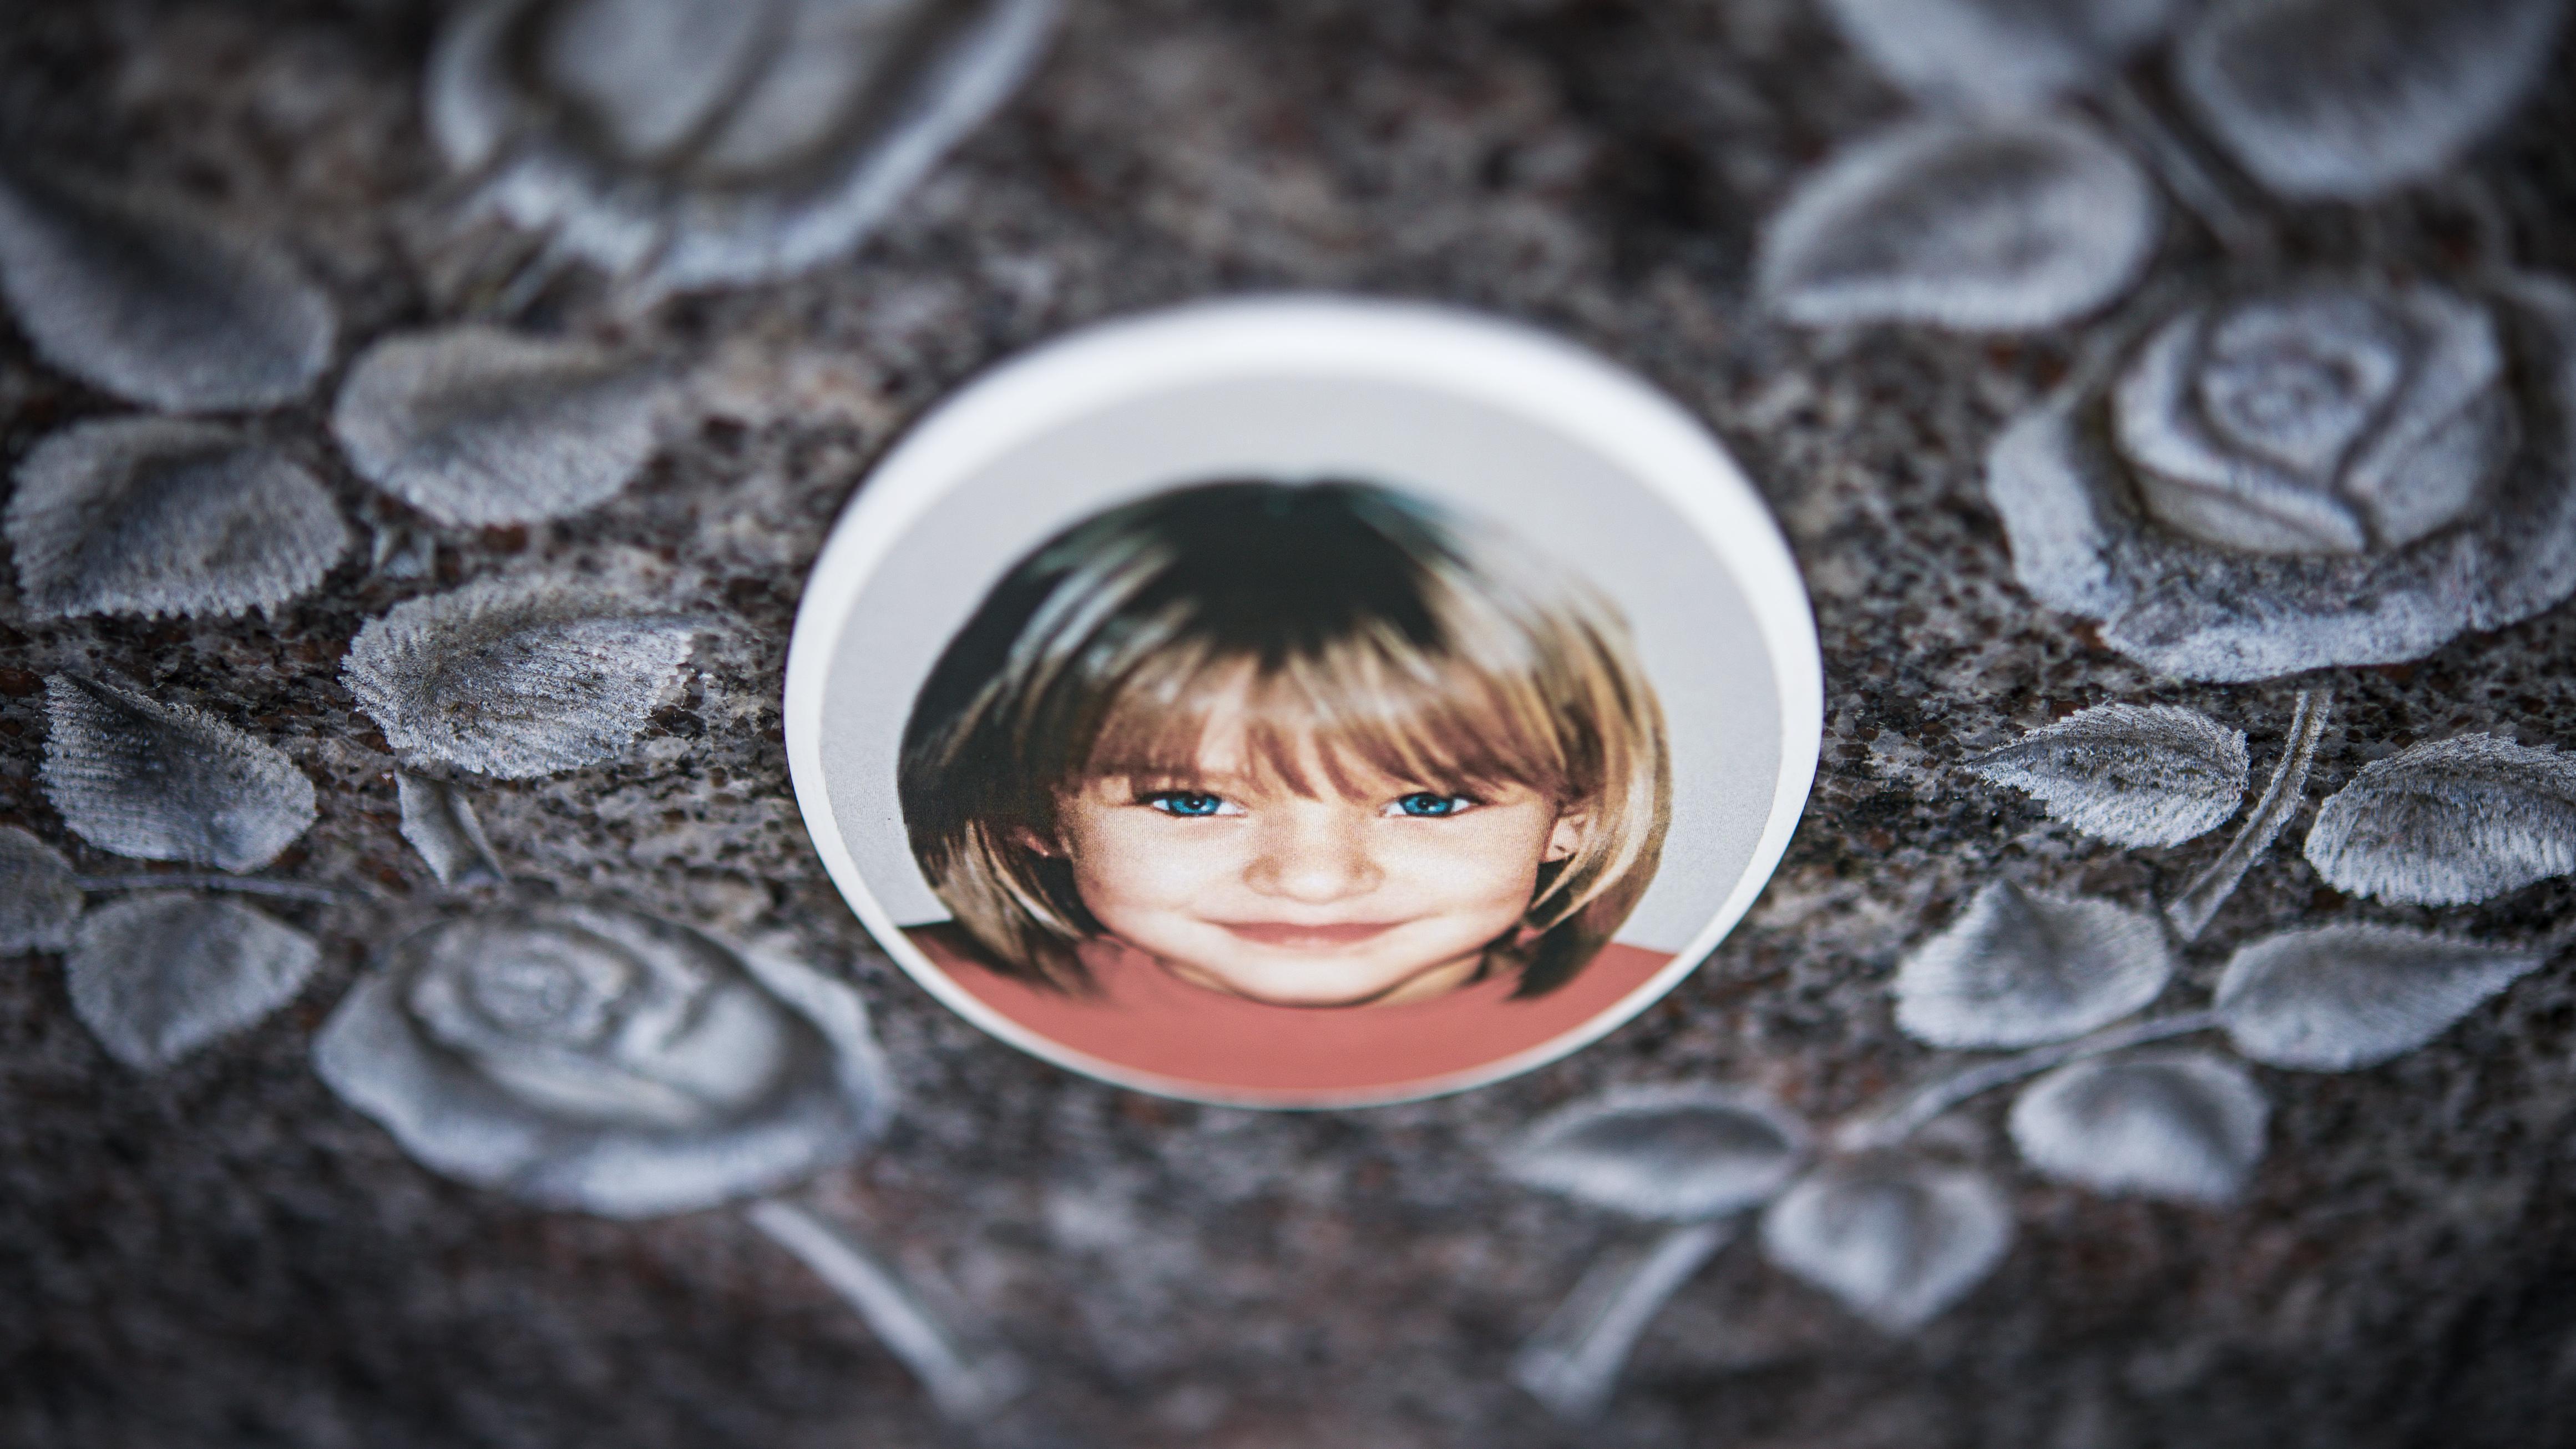 Ein Gedenkstein mit dem Porträt des Mädchens Peggy auf dem Friedhof in Nordhalben, aufgenommen im April 2013.